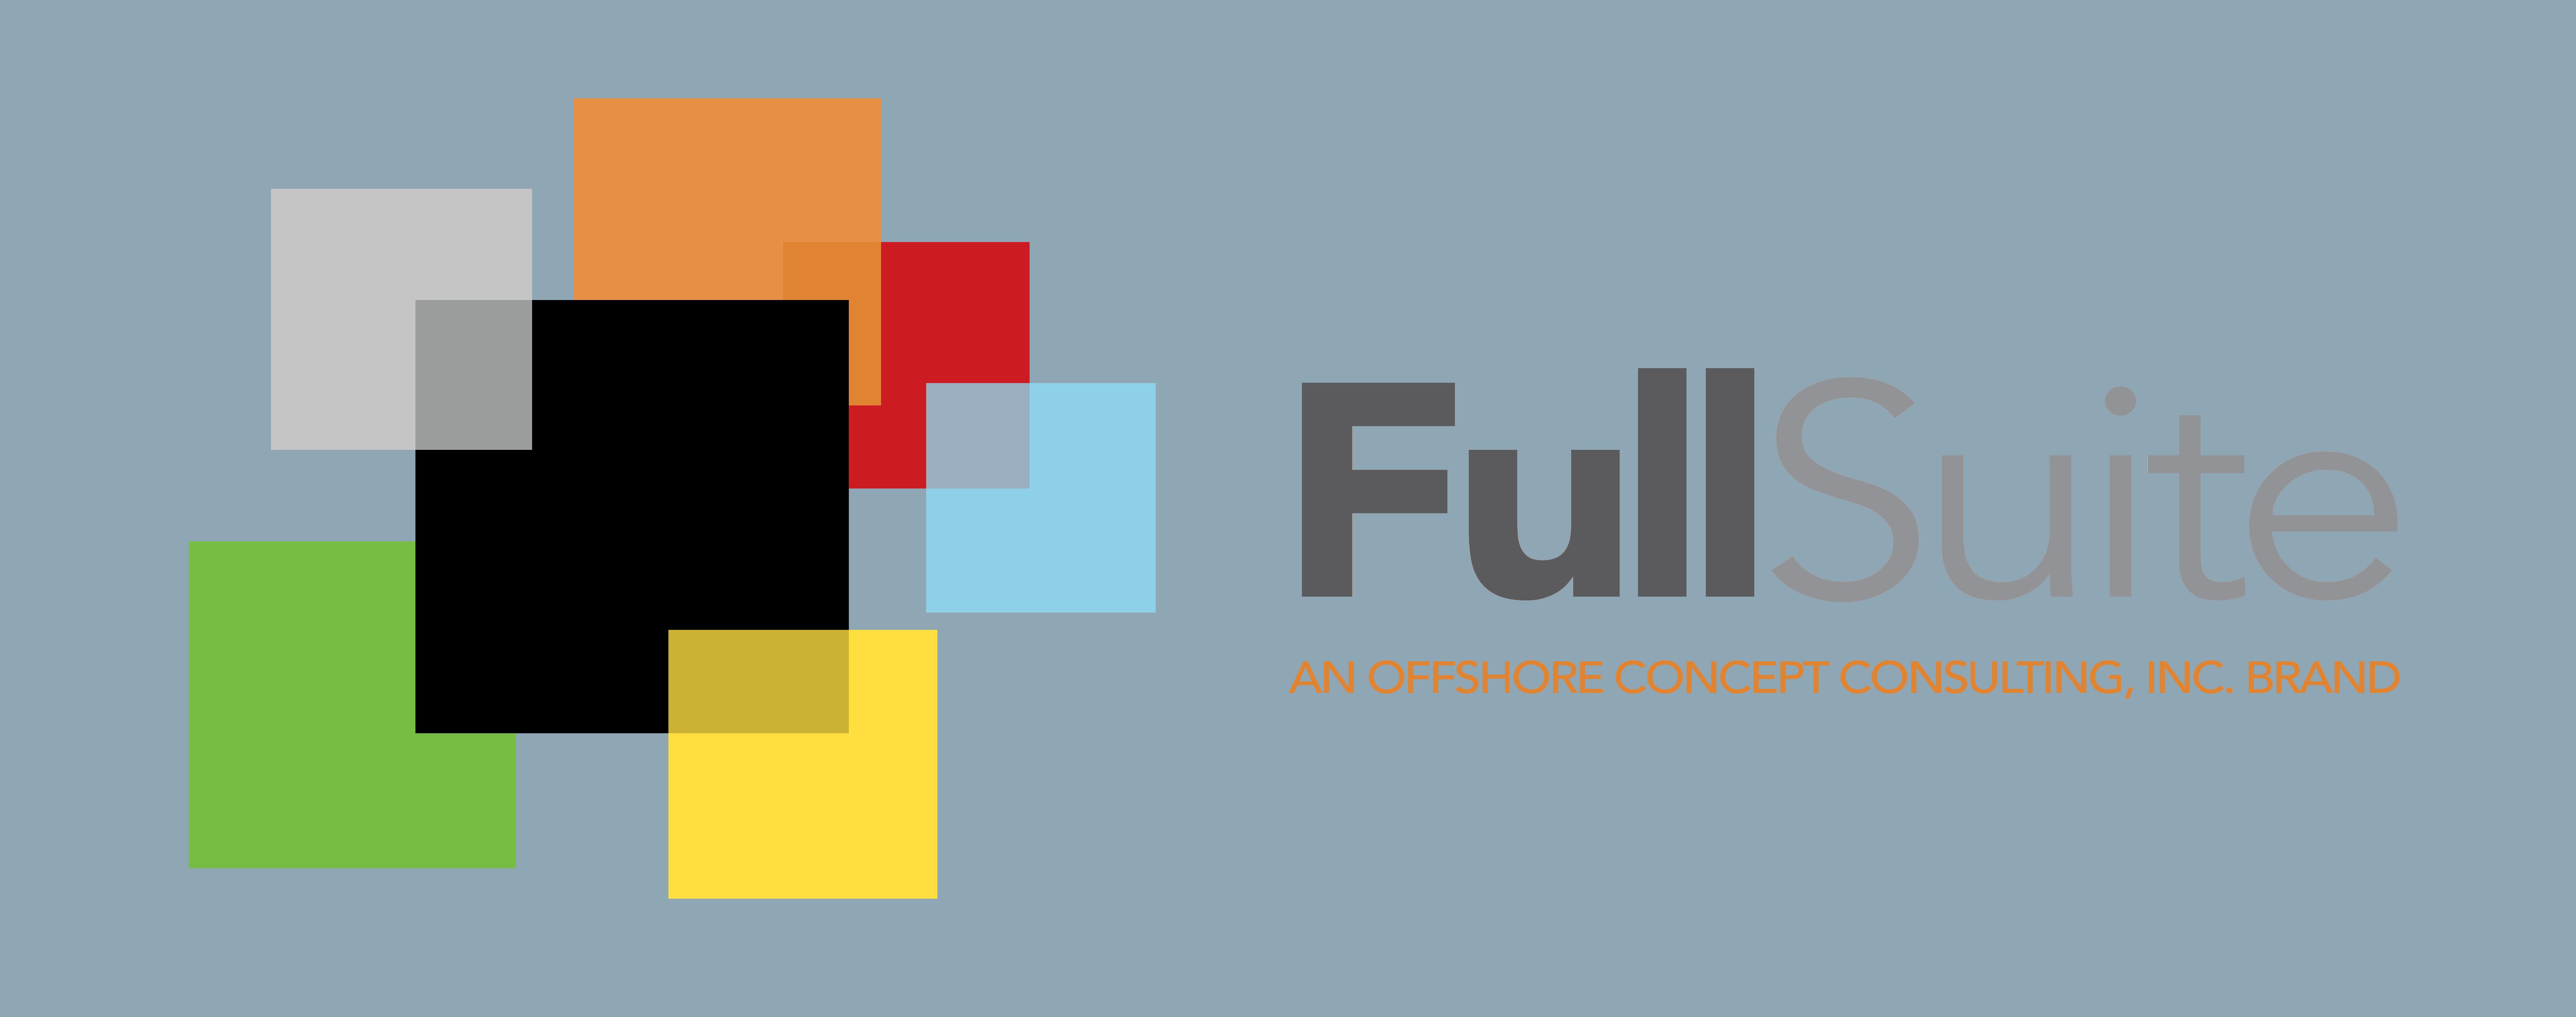 FullSuite